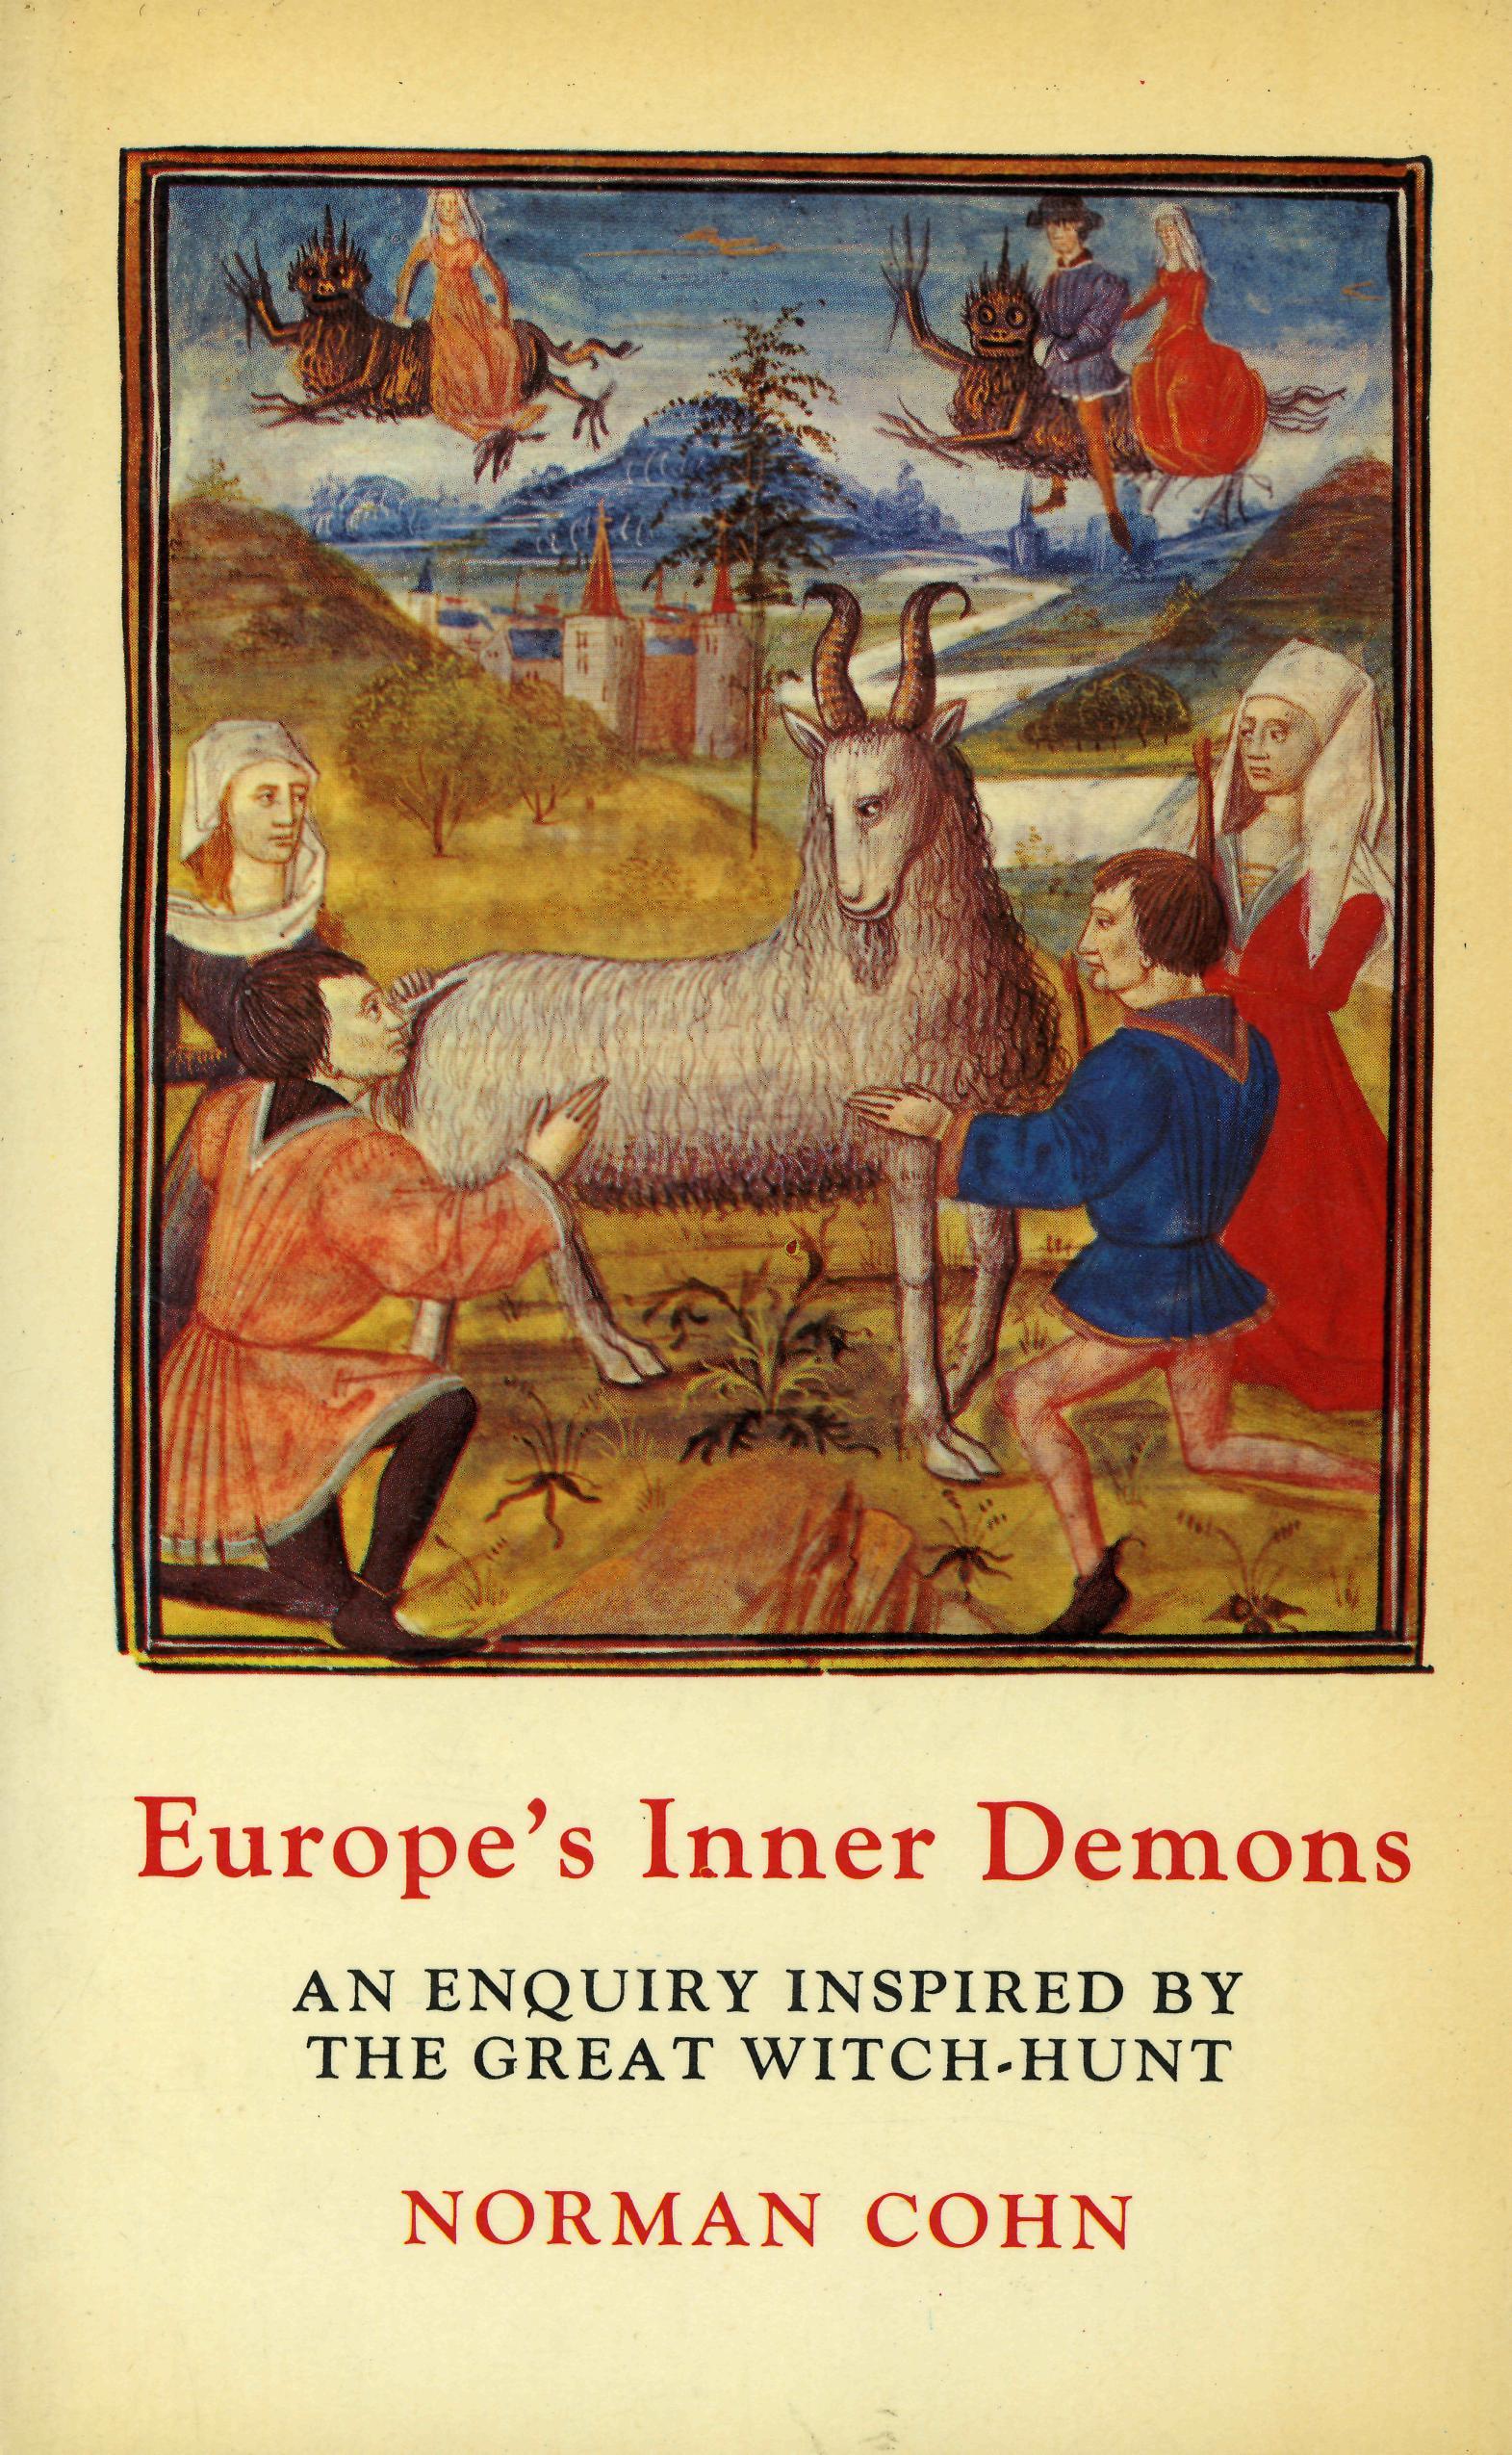 Europe's Inner Demon...